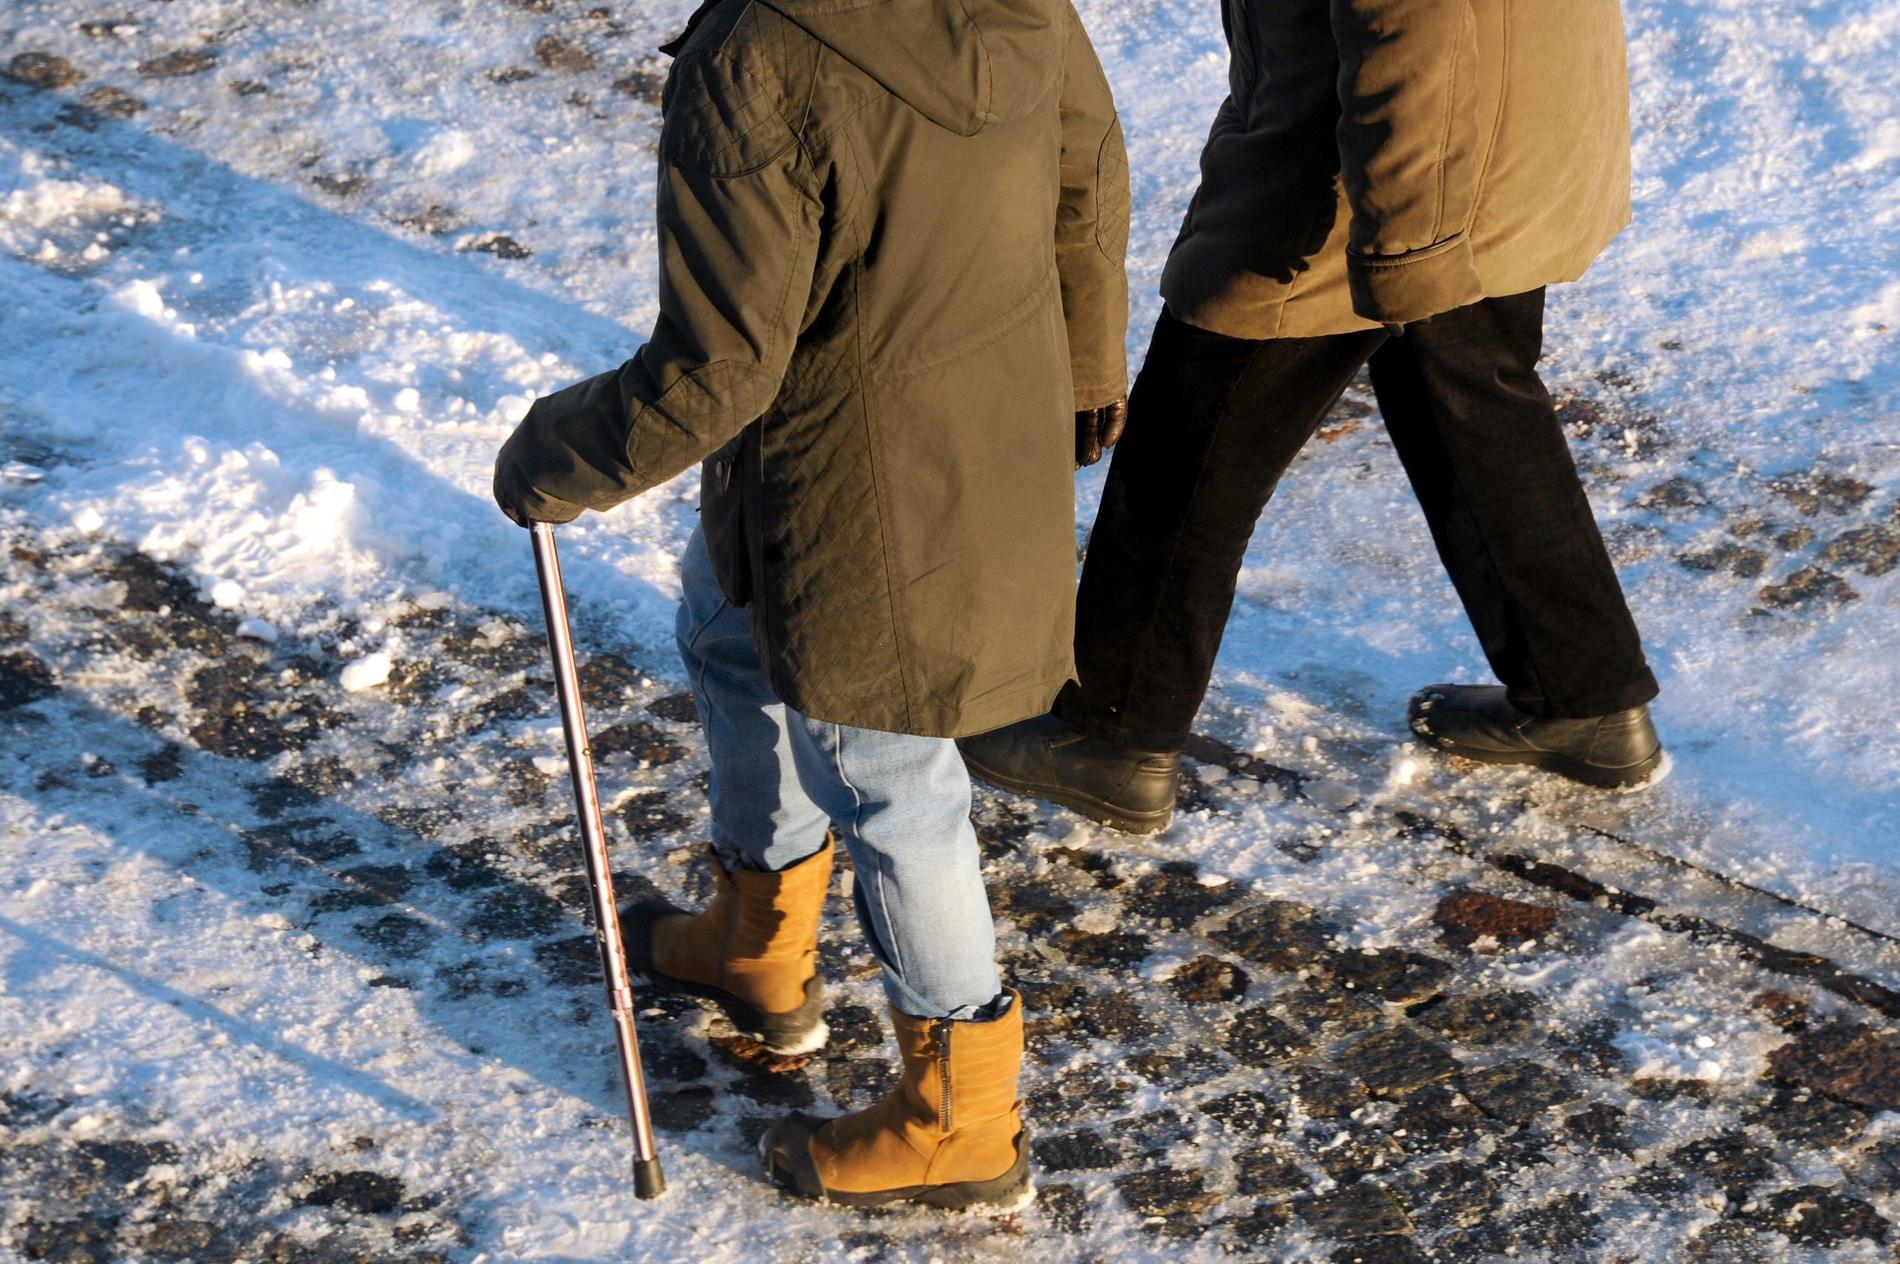 Snart är vintern här. Halka kan undvikas med värmeslingor, och det ger effekt, enligt rapporten. Arkivbild.